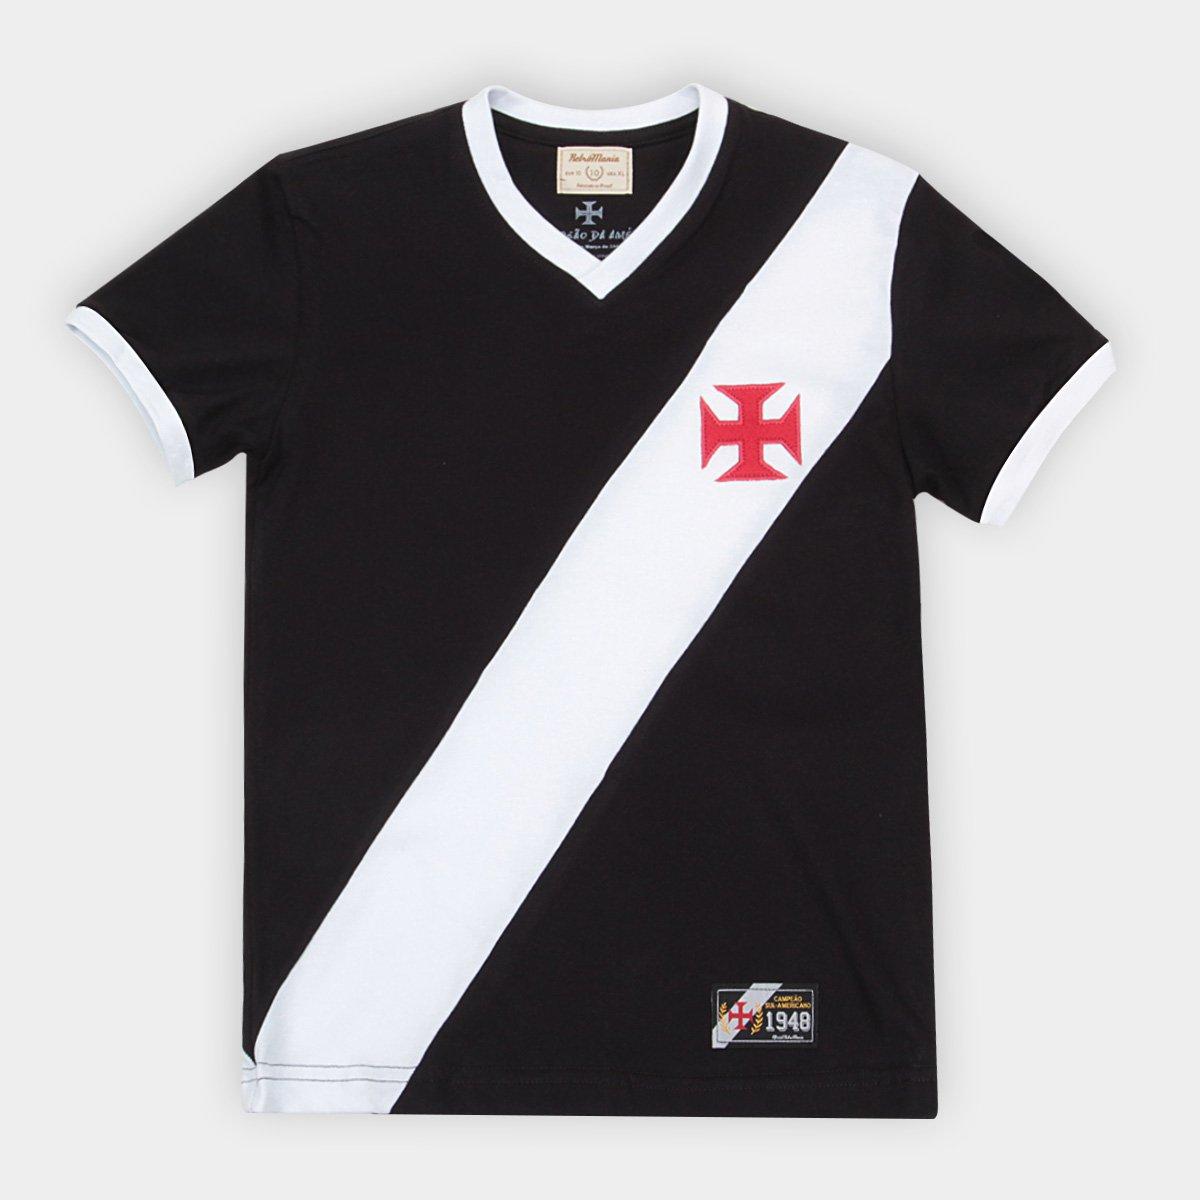 ff17ec2089bc1 Camiseta Vasco Juvenil Retrô Mania 1948 - Preto e Branco - Compre Agora